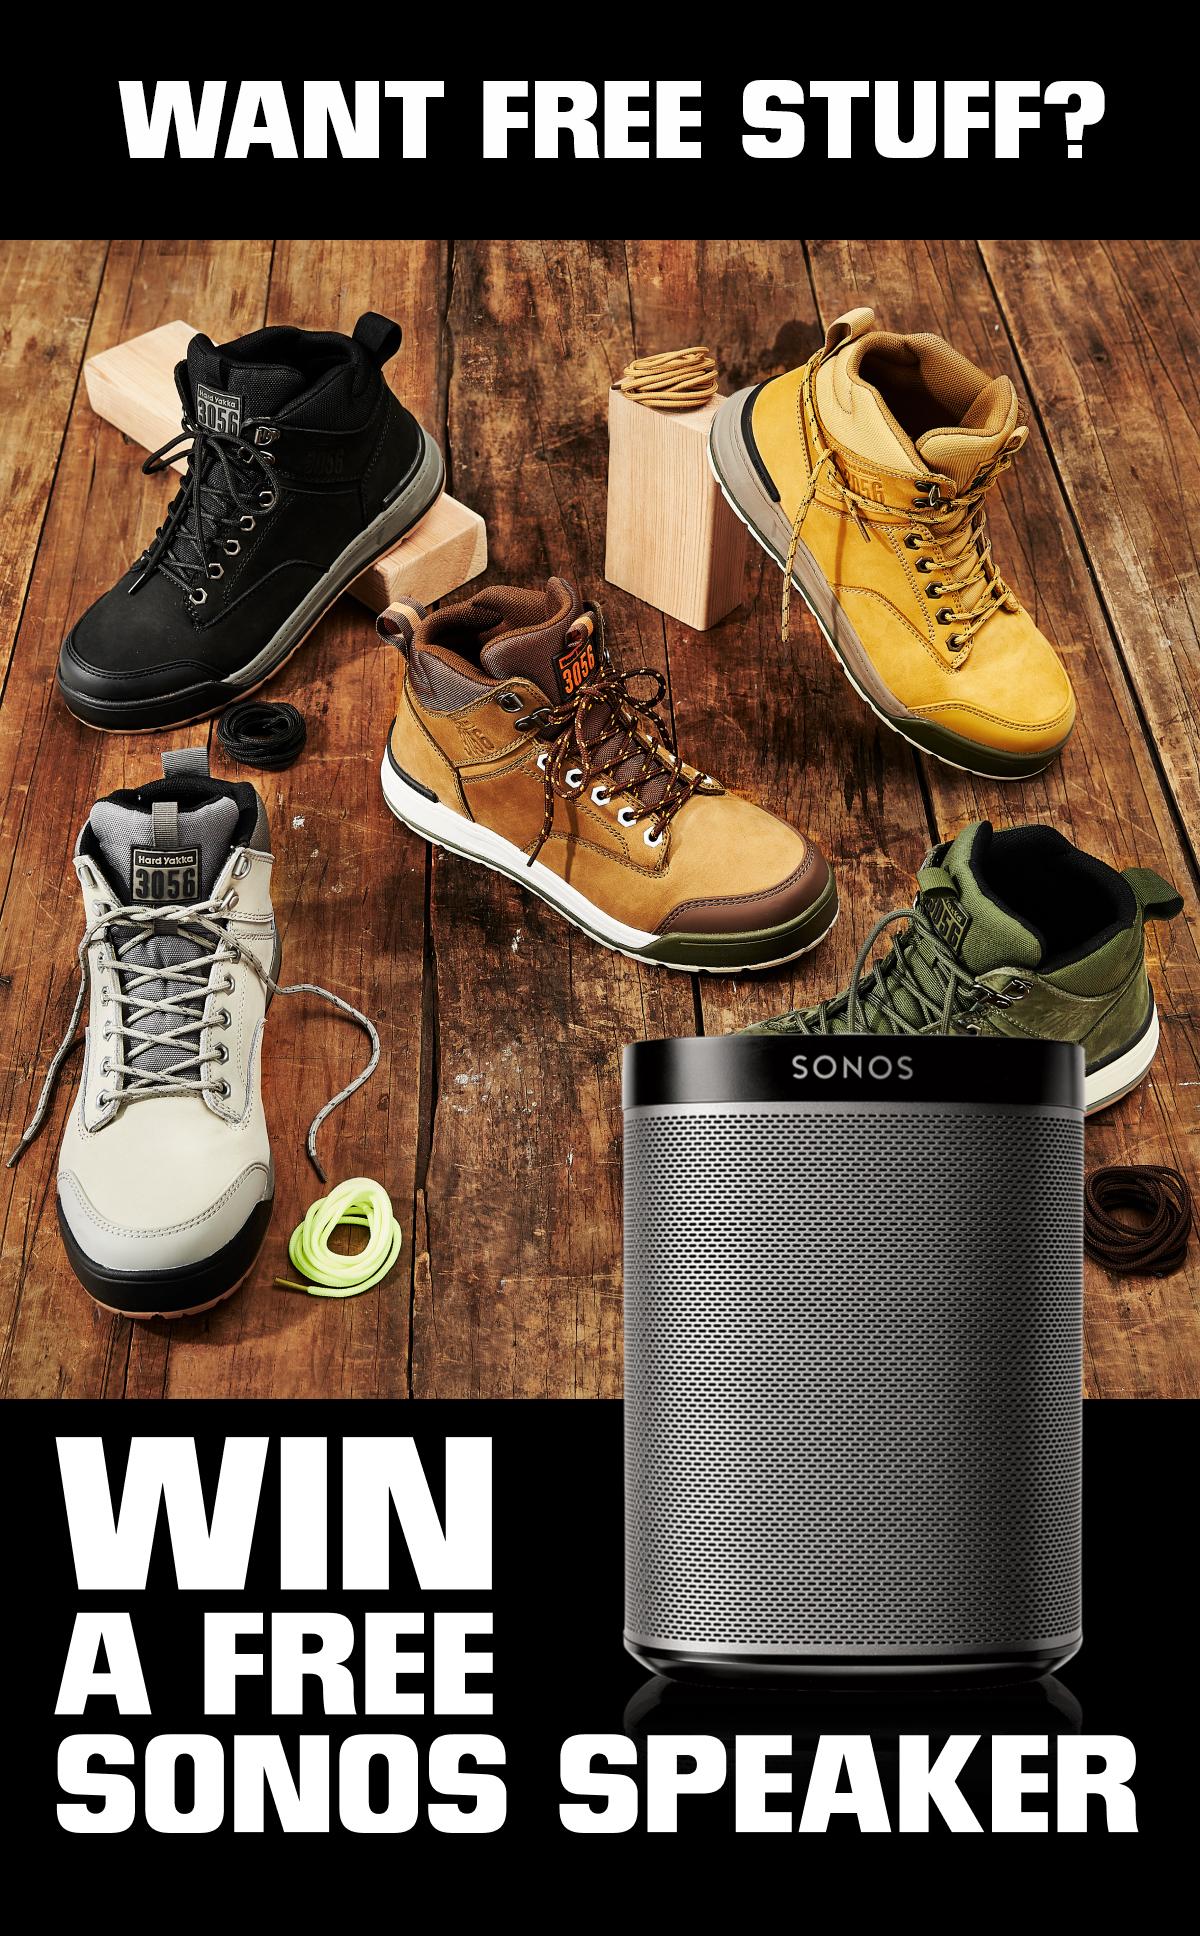 Win_Sonos